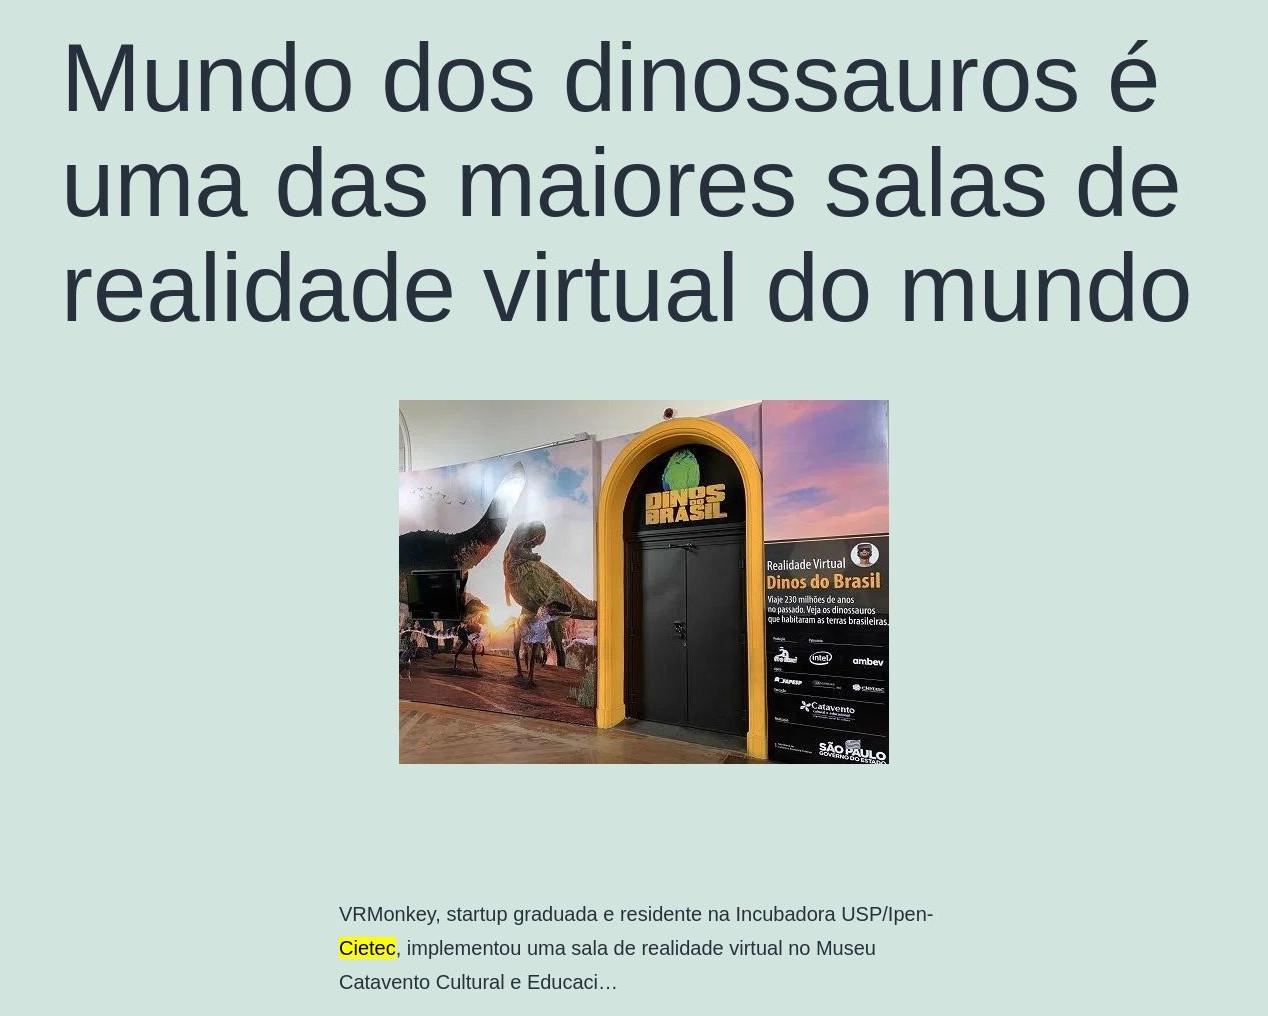 Mundo dos dinossauros é uma das maiores salas de realidade virtual do mundo - Coisas Geek